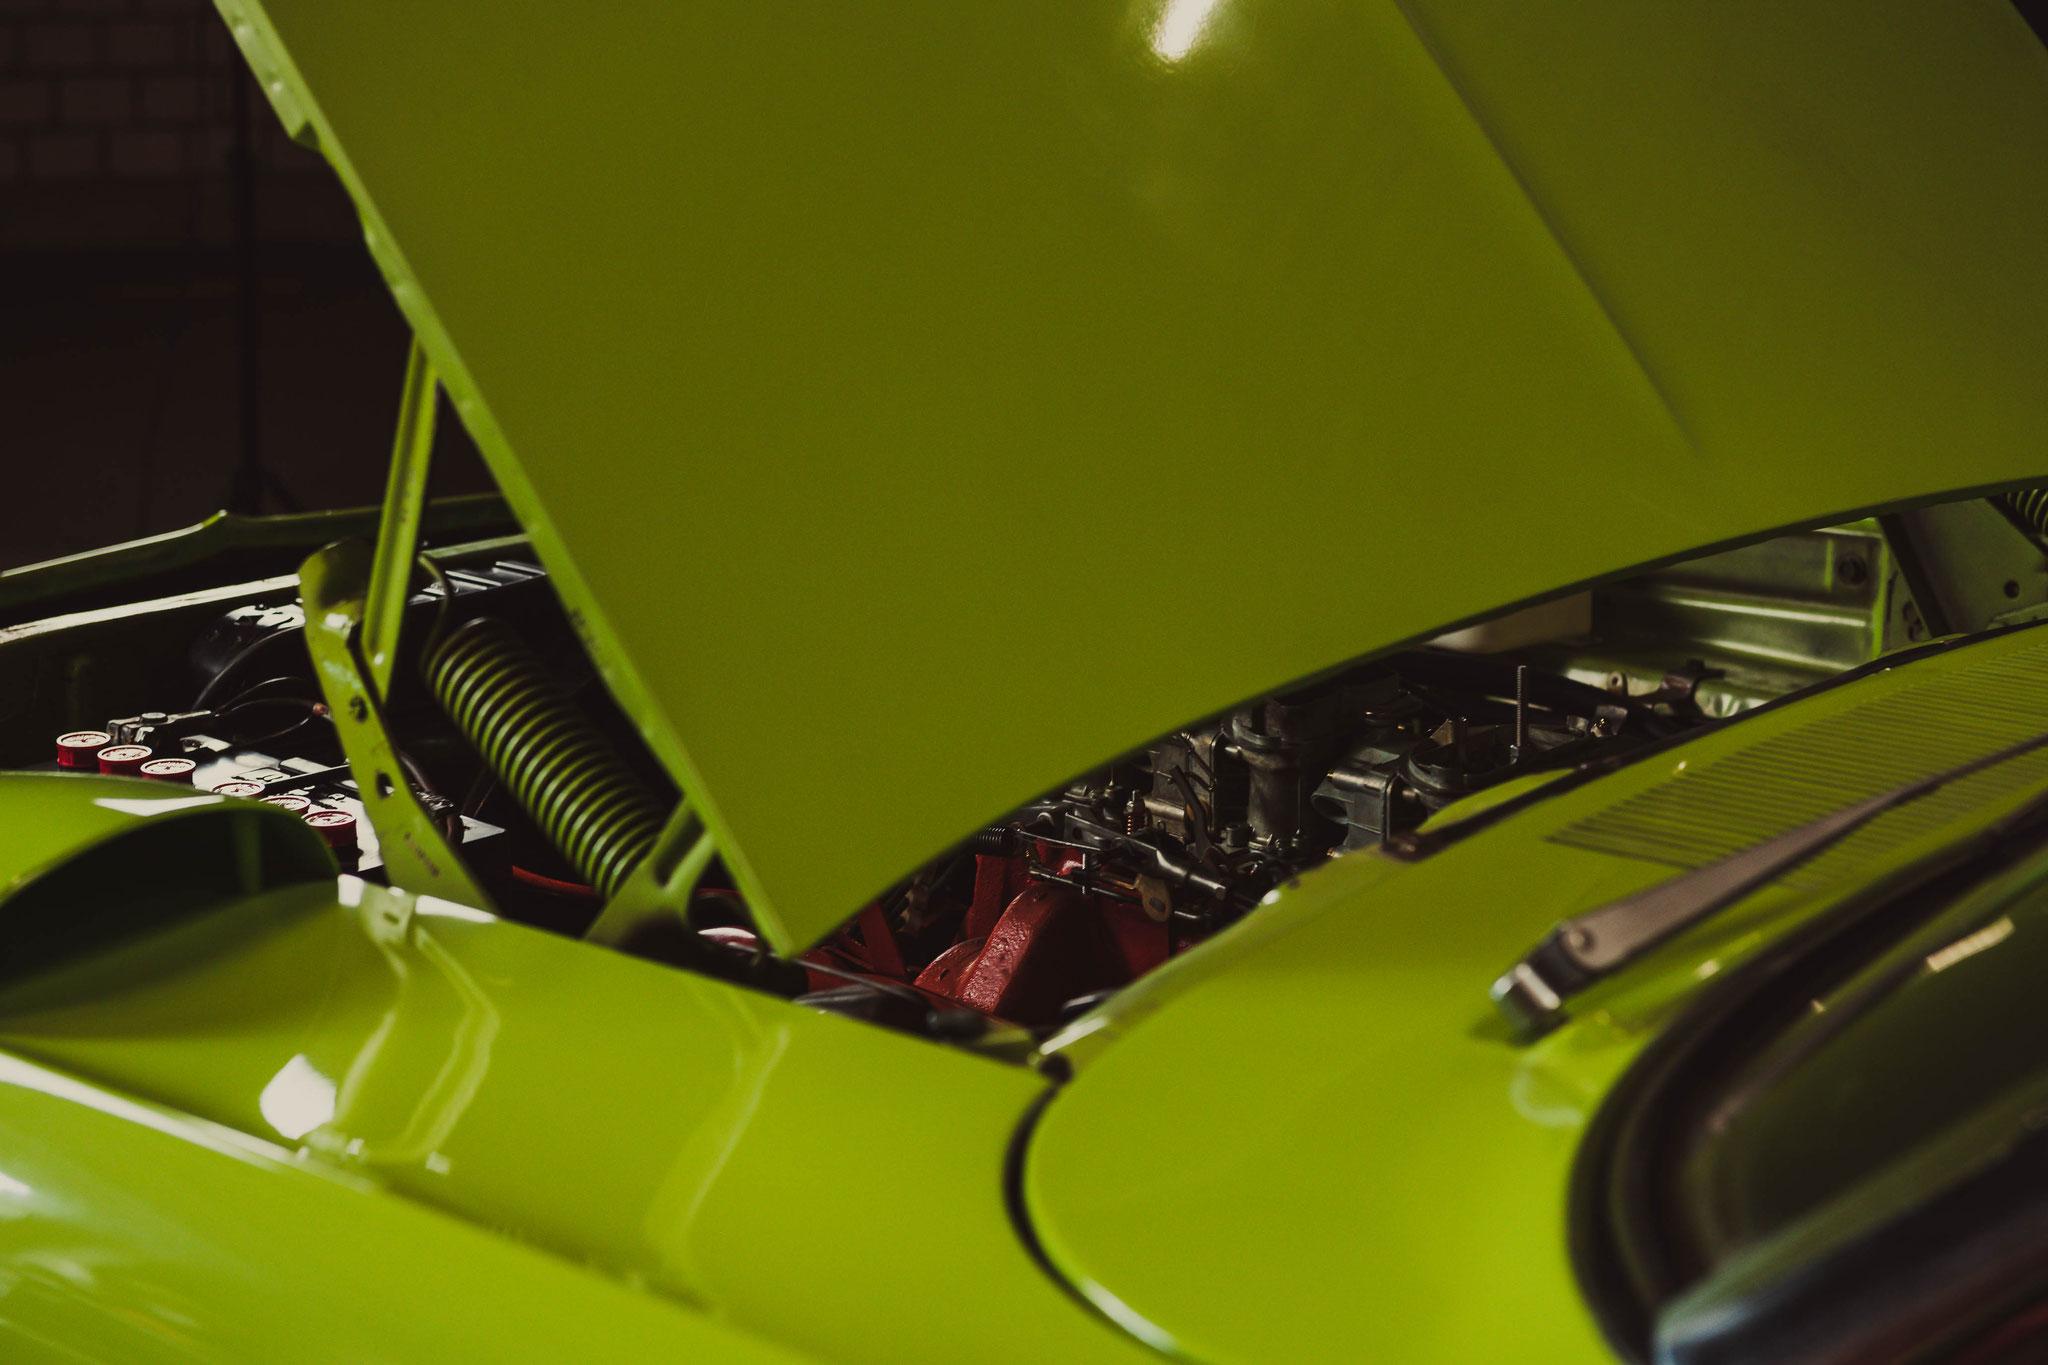 Plymouth Superbird aus der Sich des Fahrers